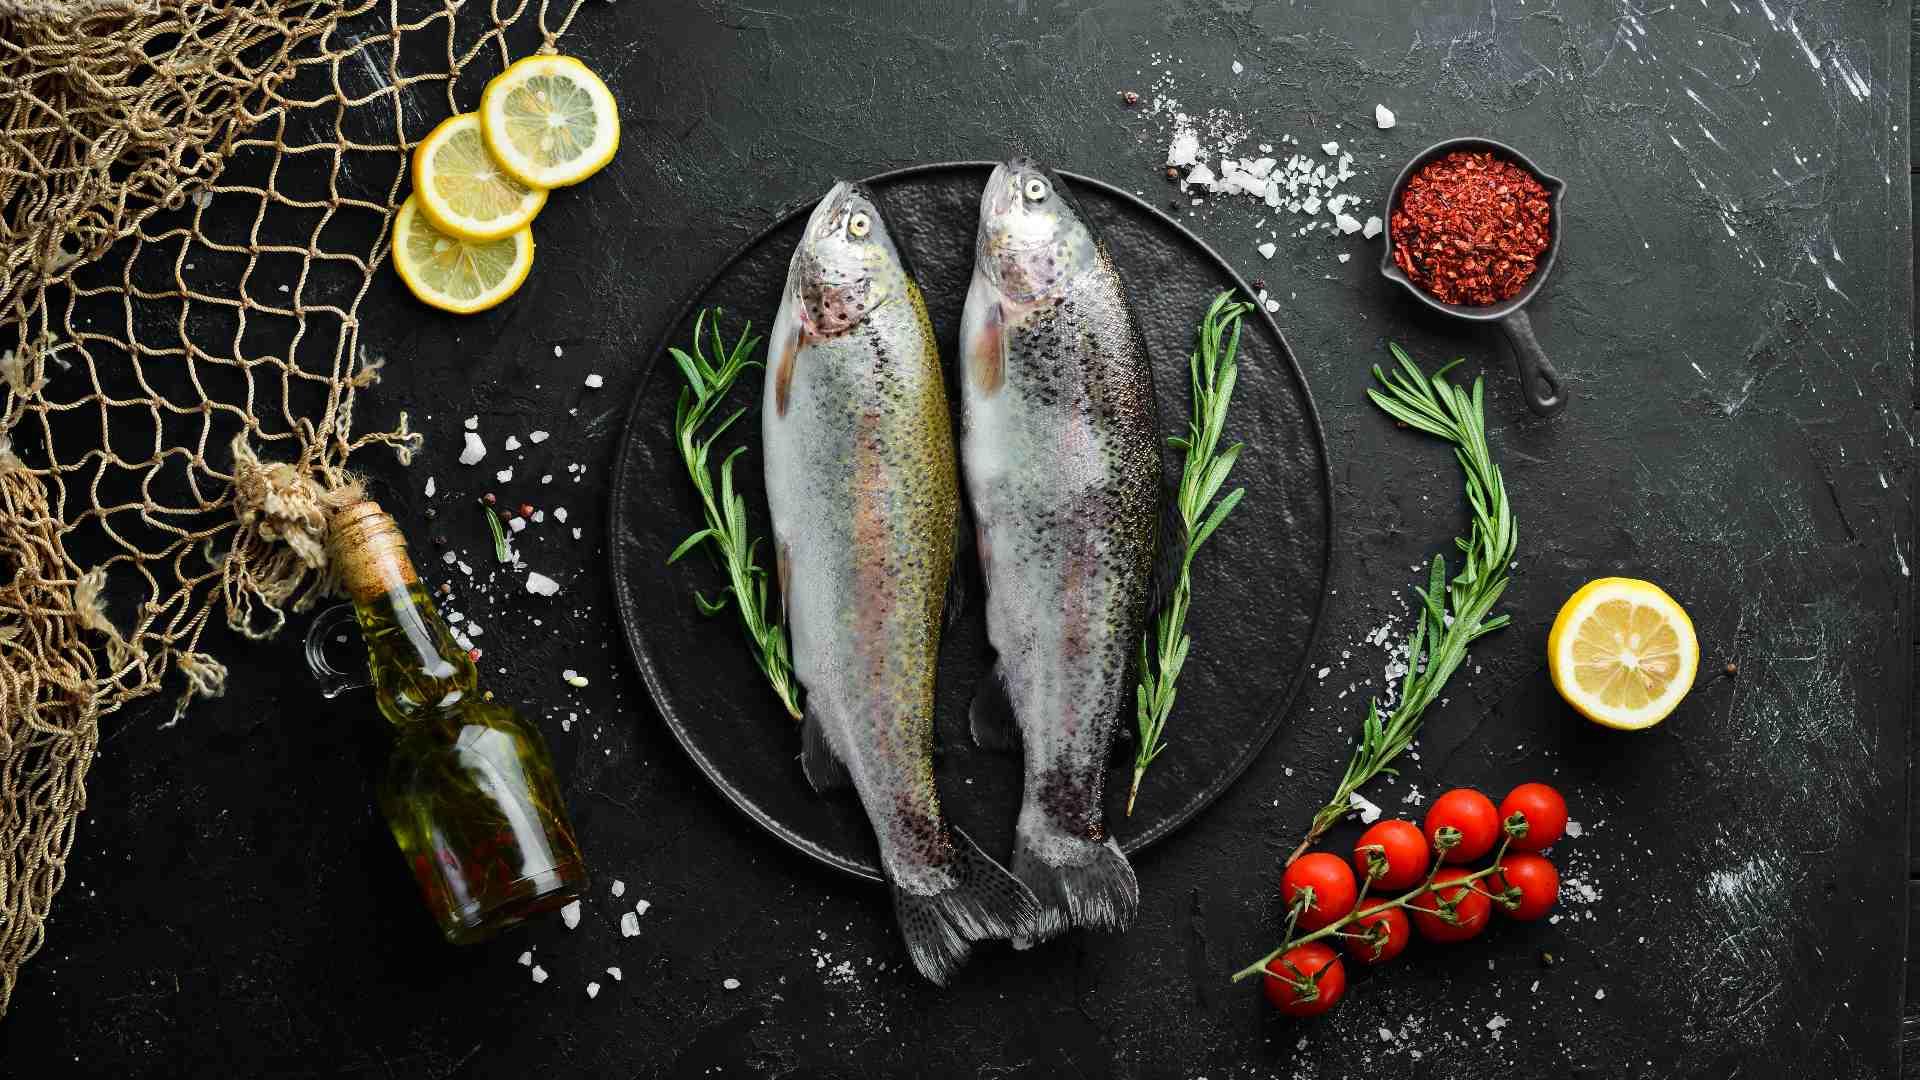 plato trucha arcoiris acuicultura de españa